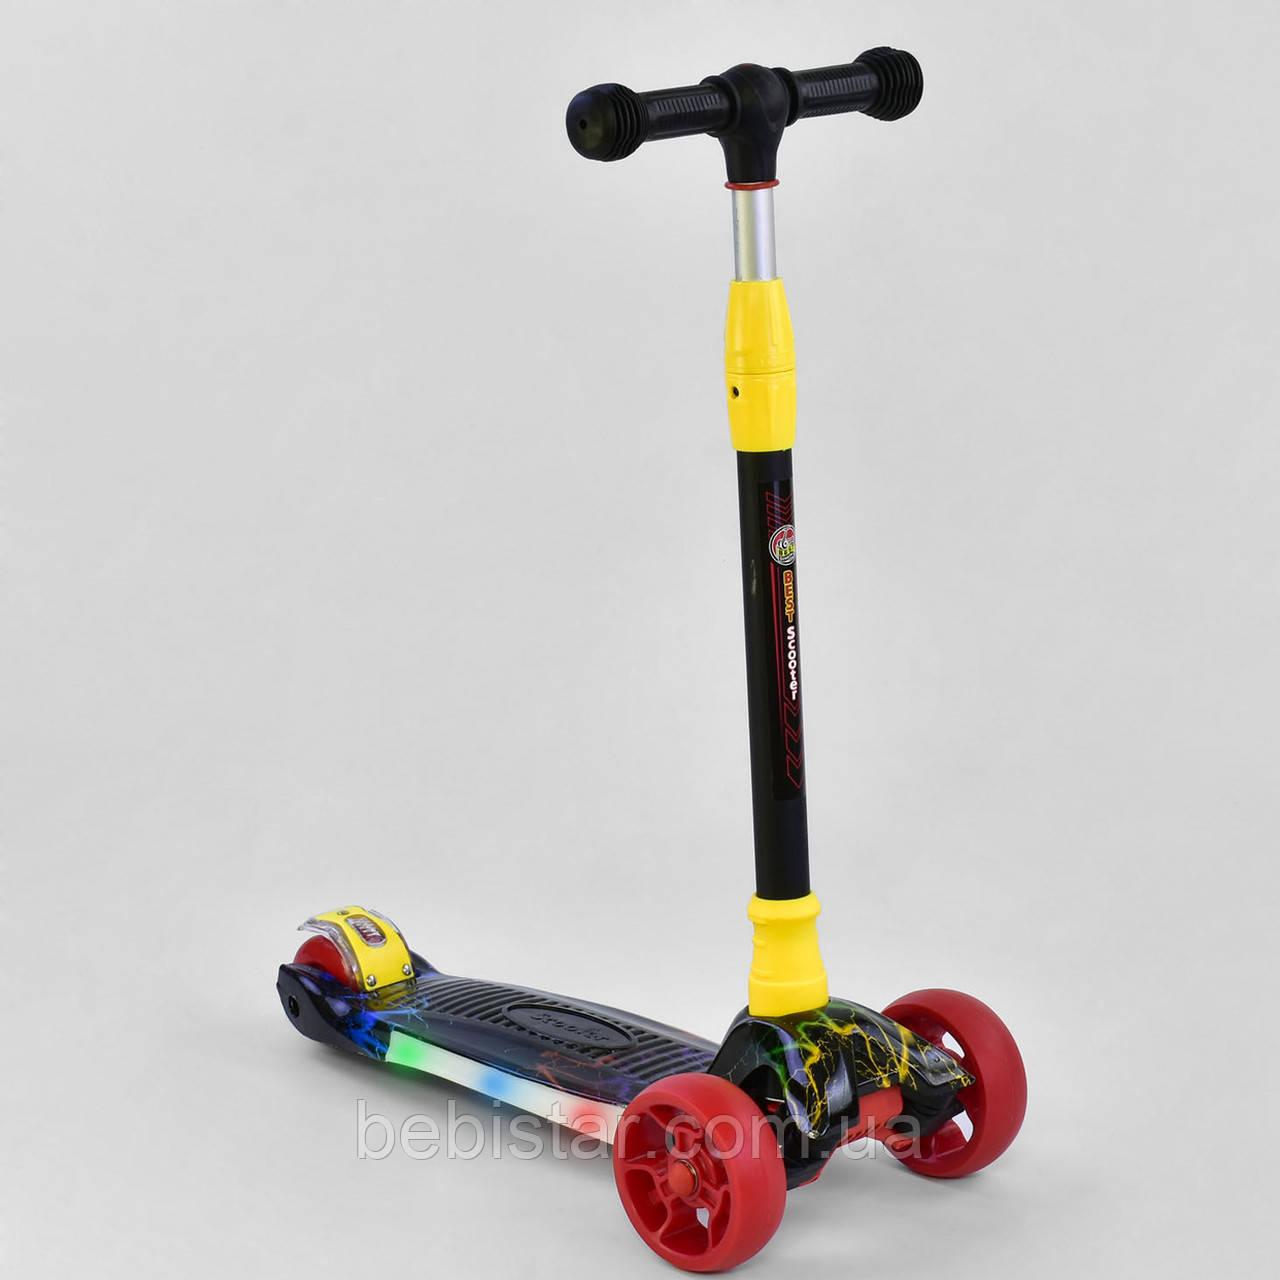 Трехколесный самокат красный четыре колеса с подсветкой платформы и светящимися колесами деткам от 3 лет